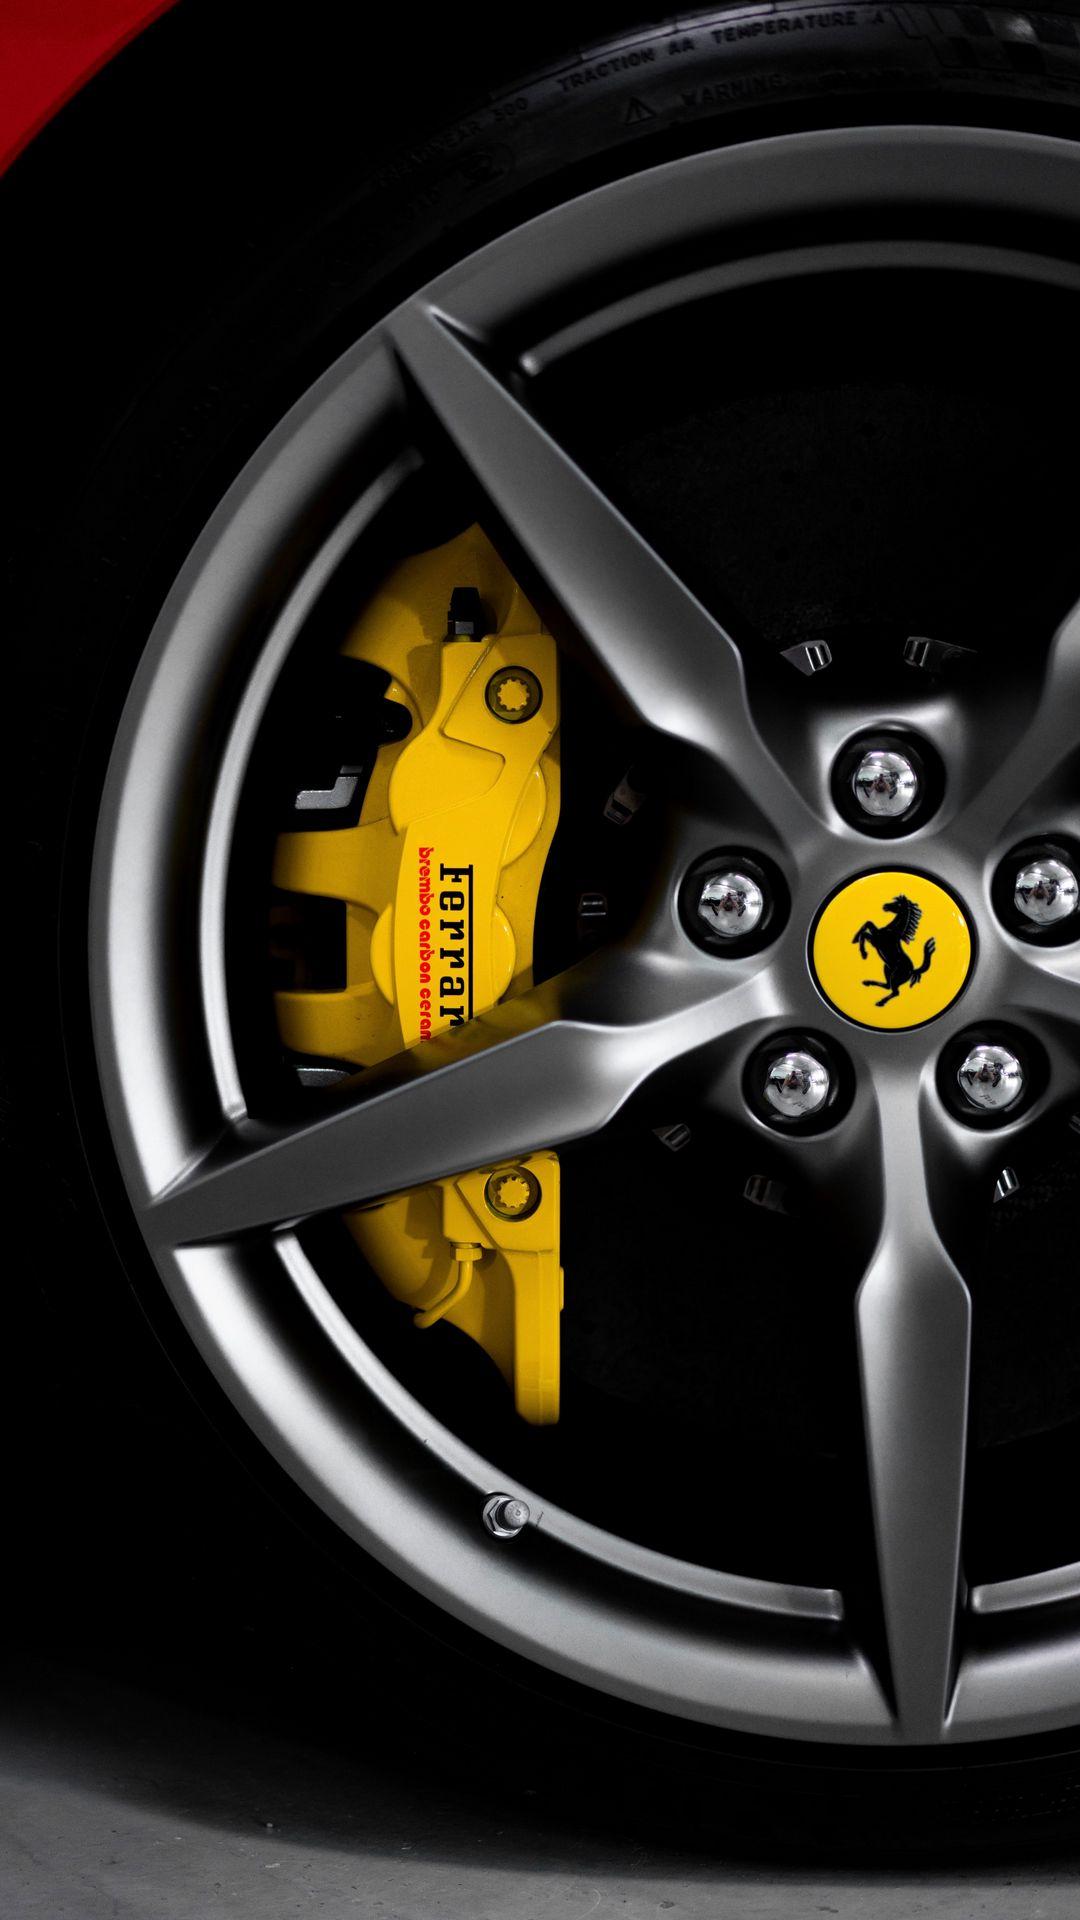 Ferrari Wheel Car Wallpapers Free Download